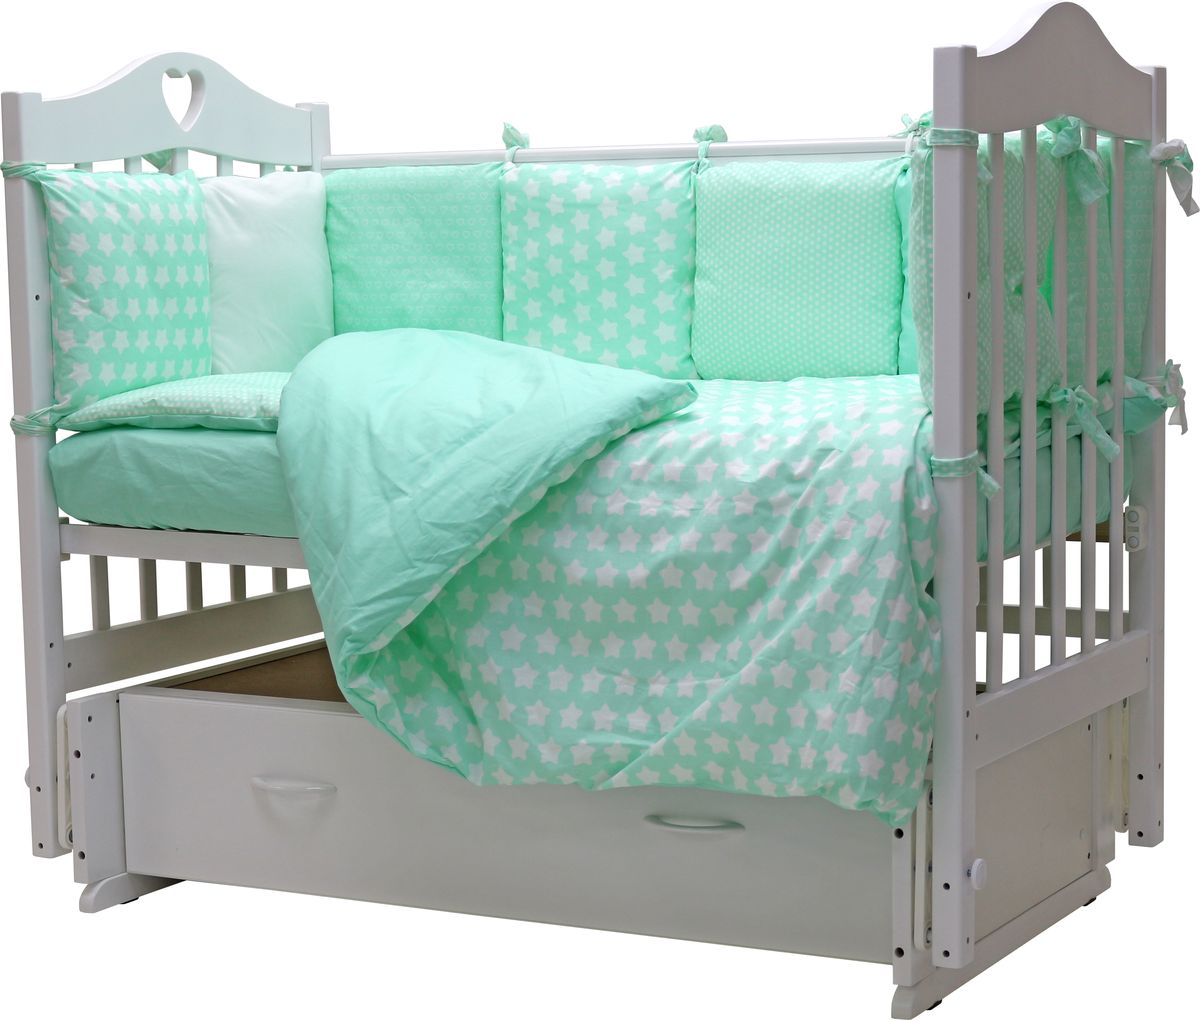 Топотушки Комплект детского постельного белья 12 месяцев цвет мятный 6 предметов